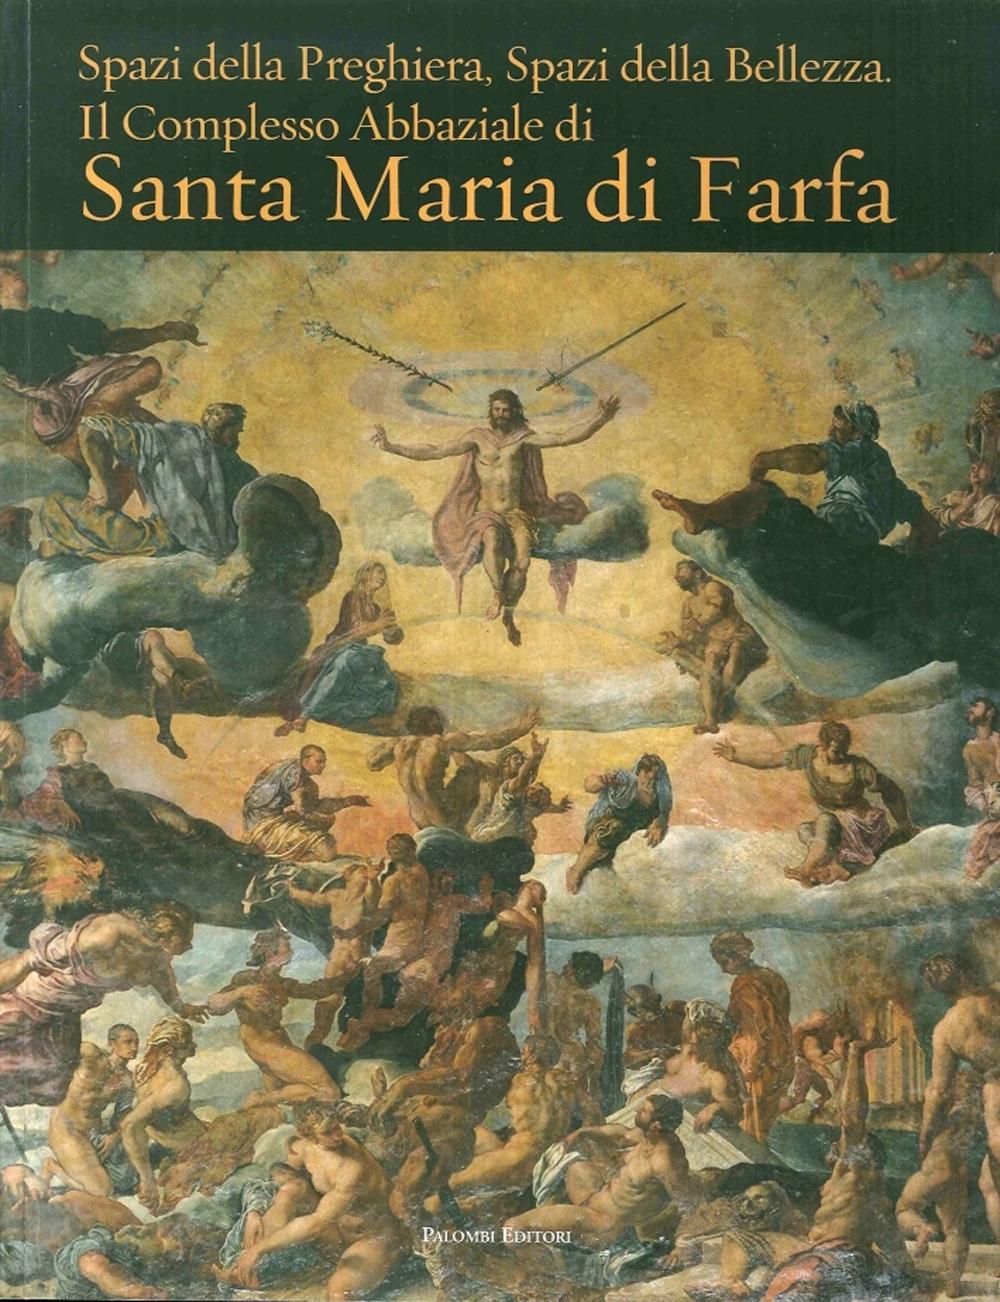 Spazi della Preghiera. Spazi della Bellezza. Il Complesso Abbaziale di Santa Maria di Farfa